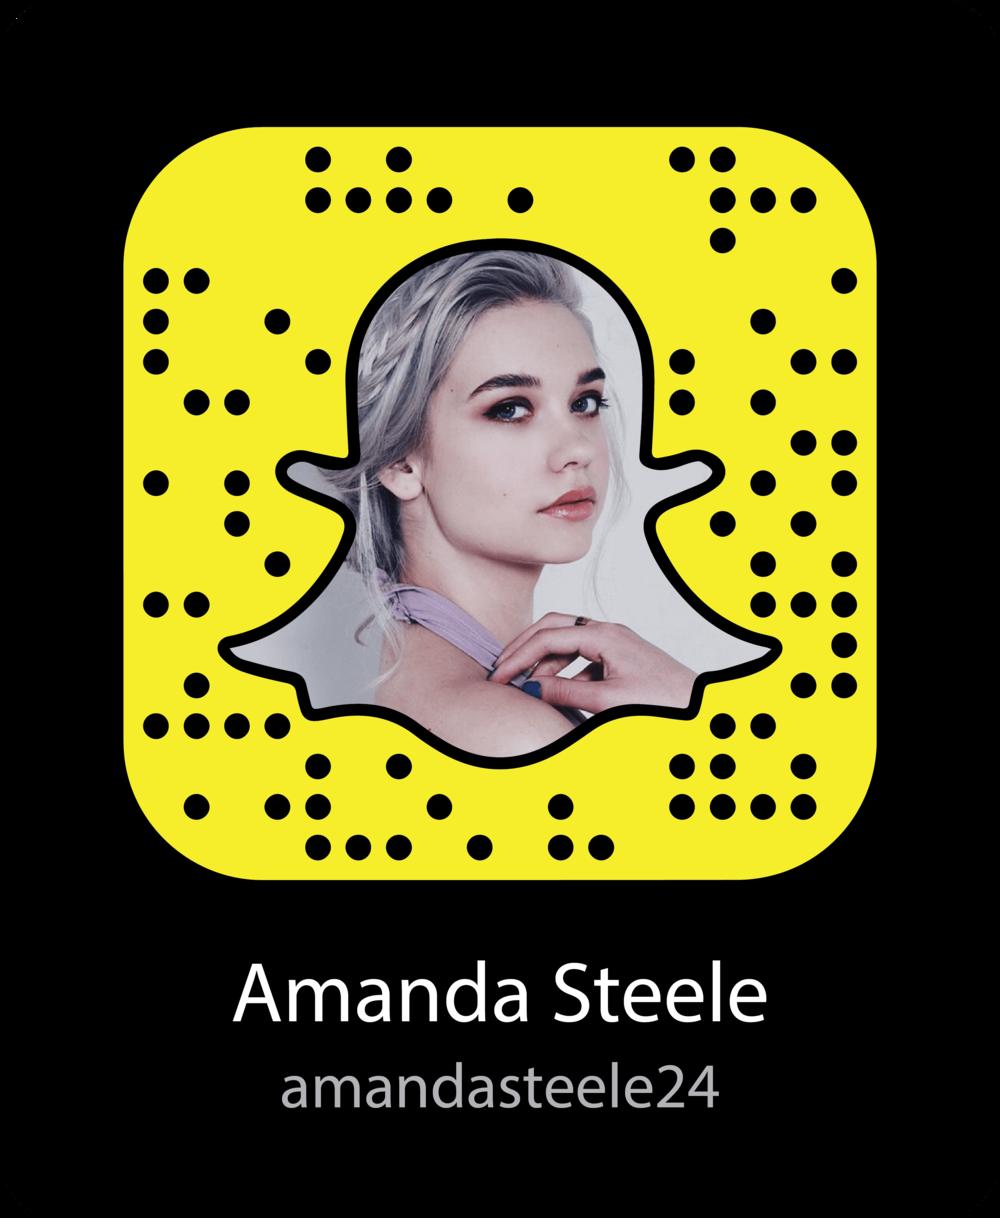 amanda-steele-youtube-celebrity-snapchat-snapcode